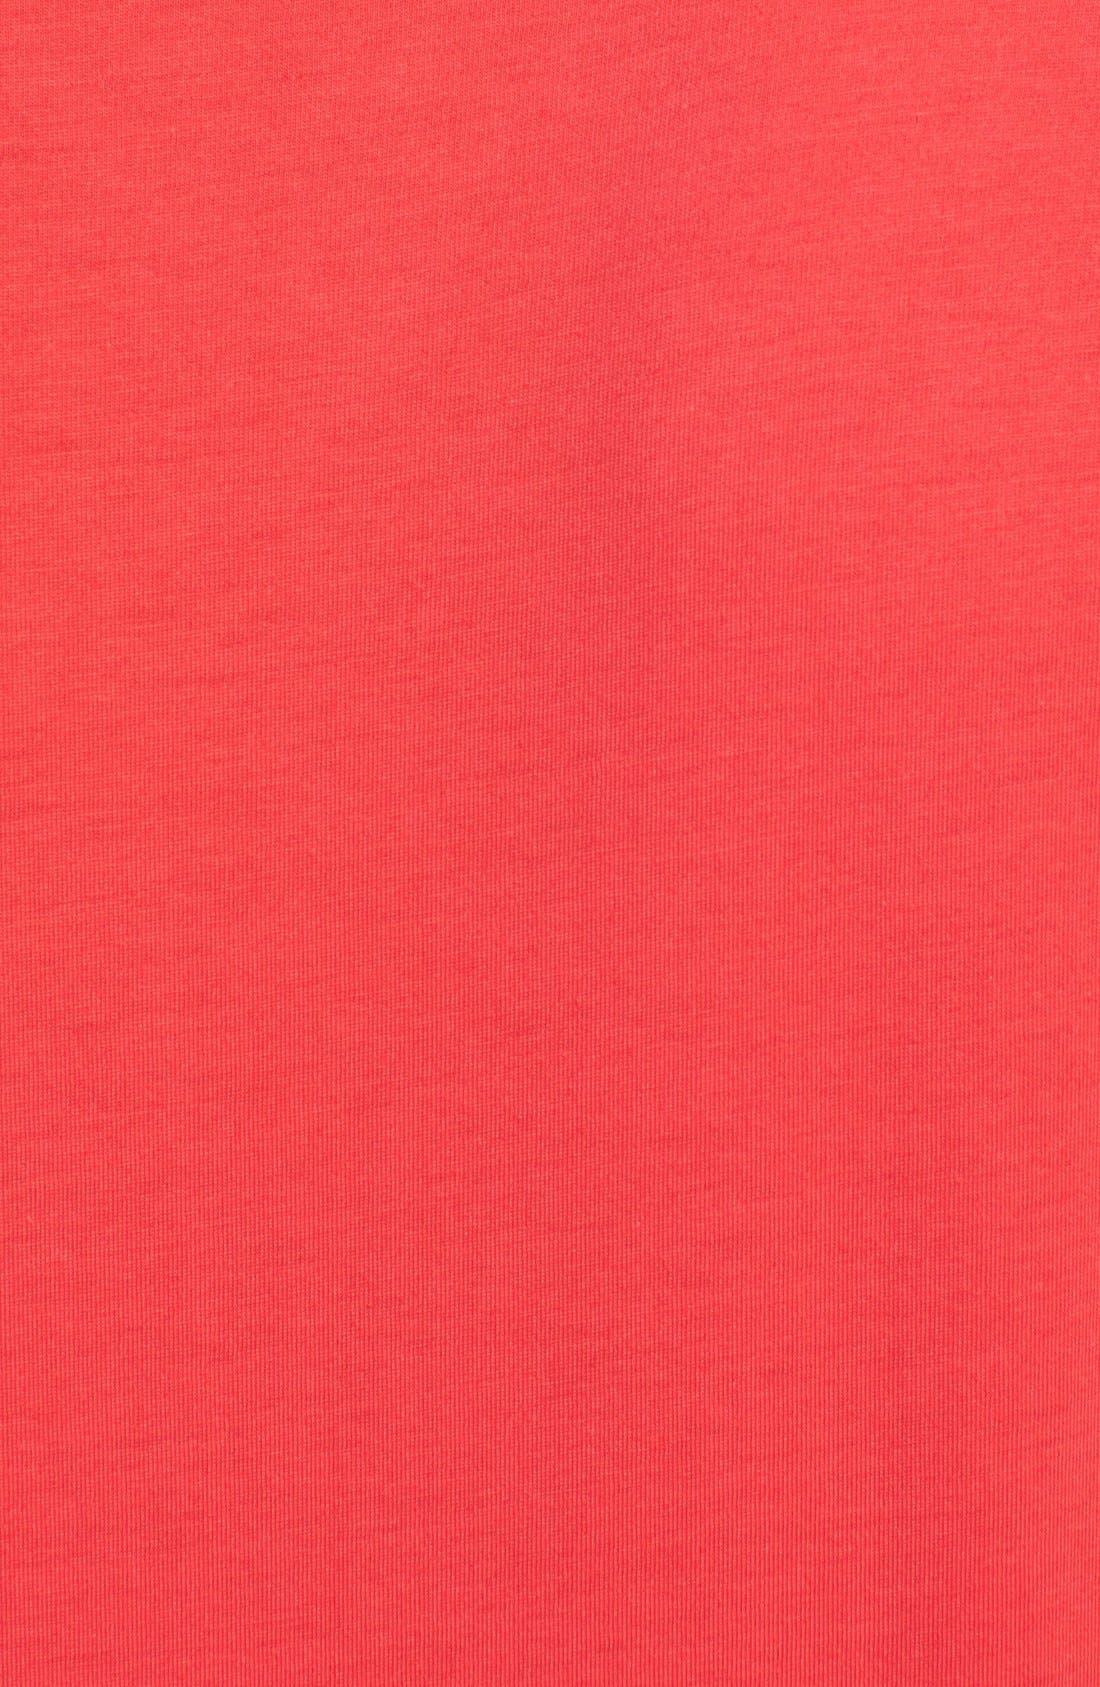 Alternate Image 2  - BOSS HUGO BOSS 'Innovation 1' V-Neck T-Shirt